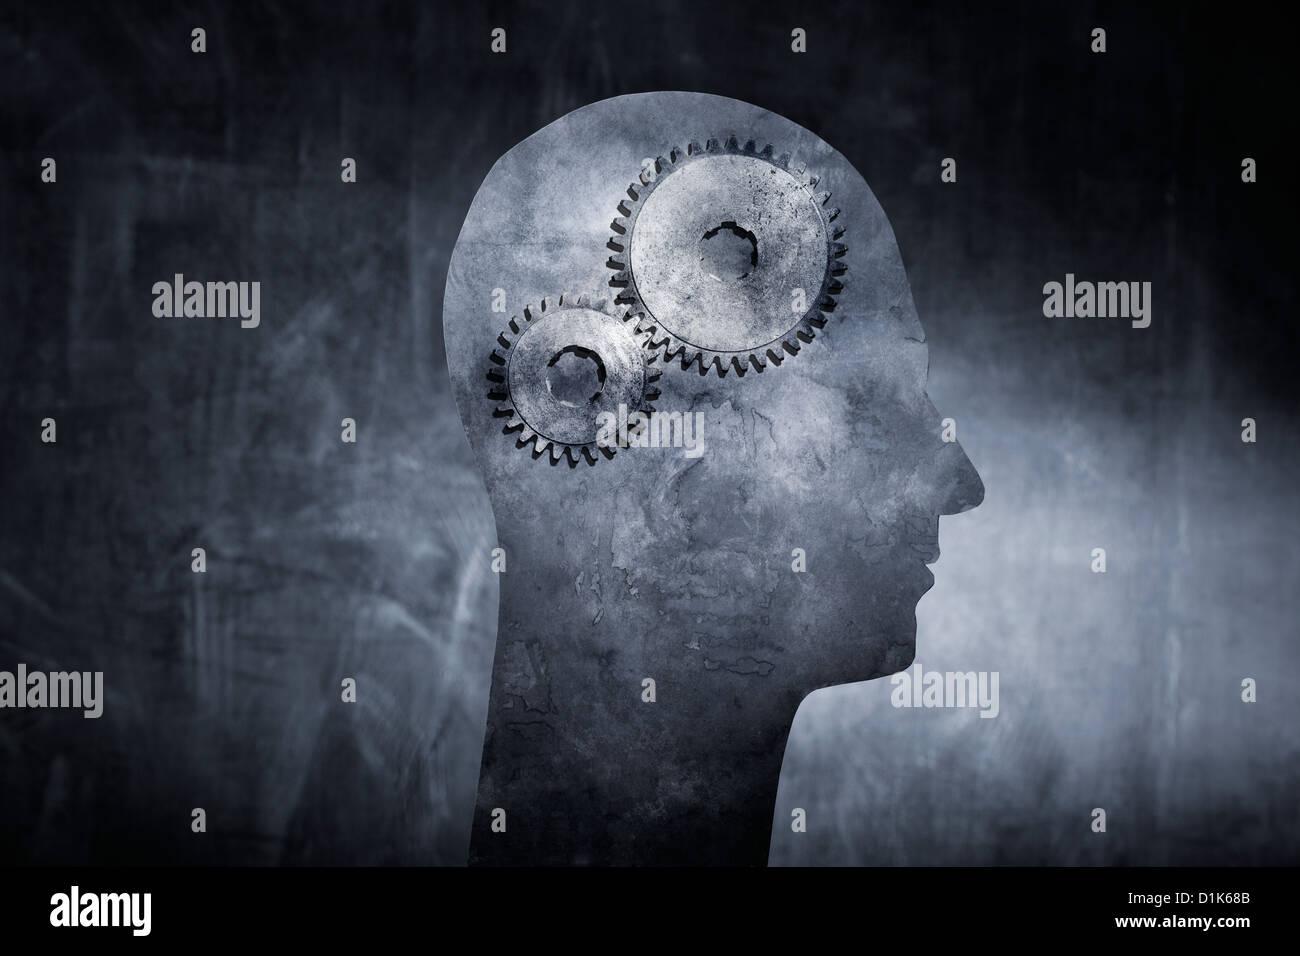 Image conceptuelle d'un chef avec cog pignons comme cerveau. Photo Stock